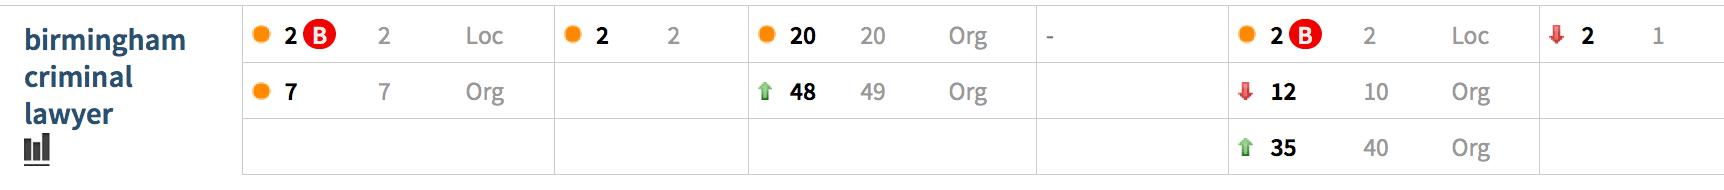 rankings-1